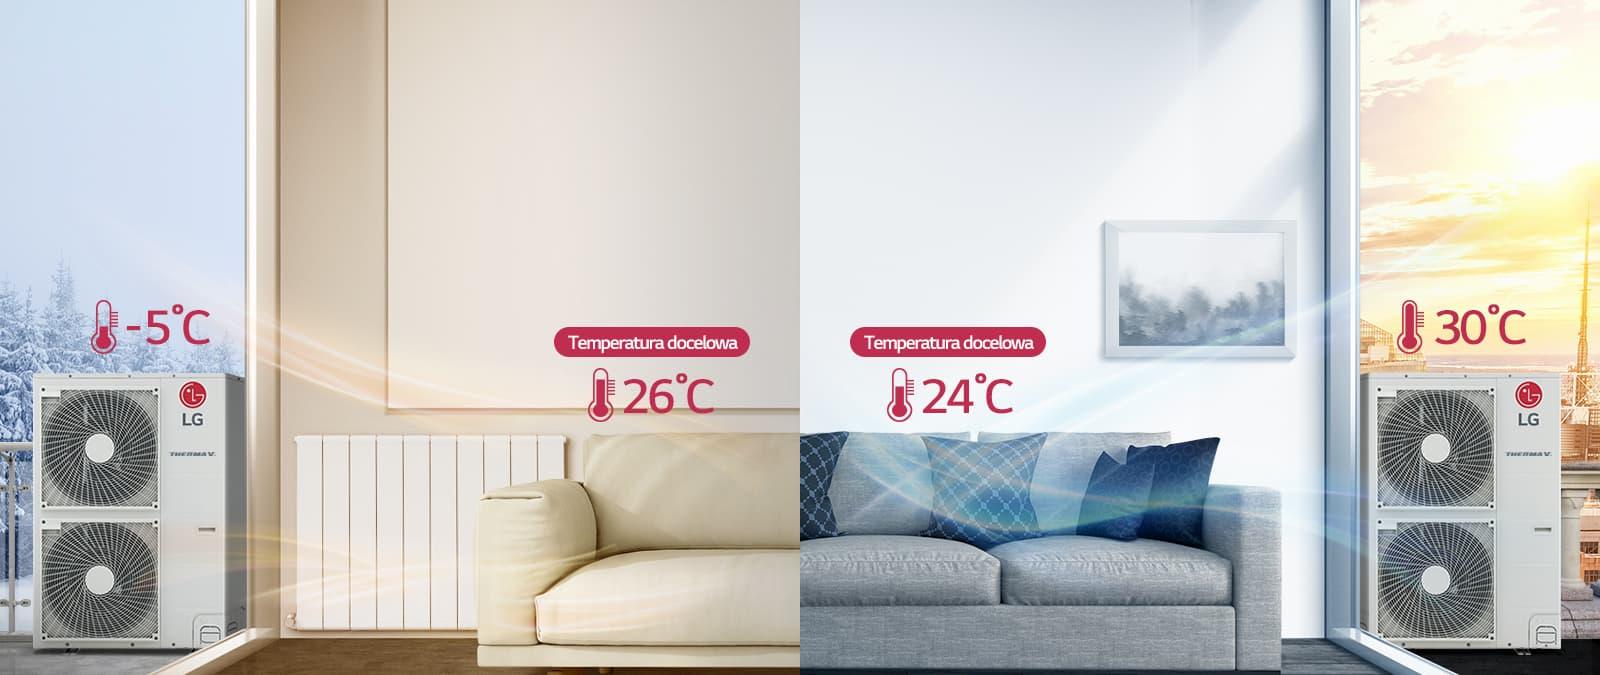 pompa ciepła - chłodzenie i grzanie